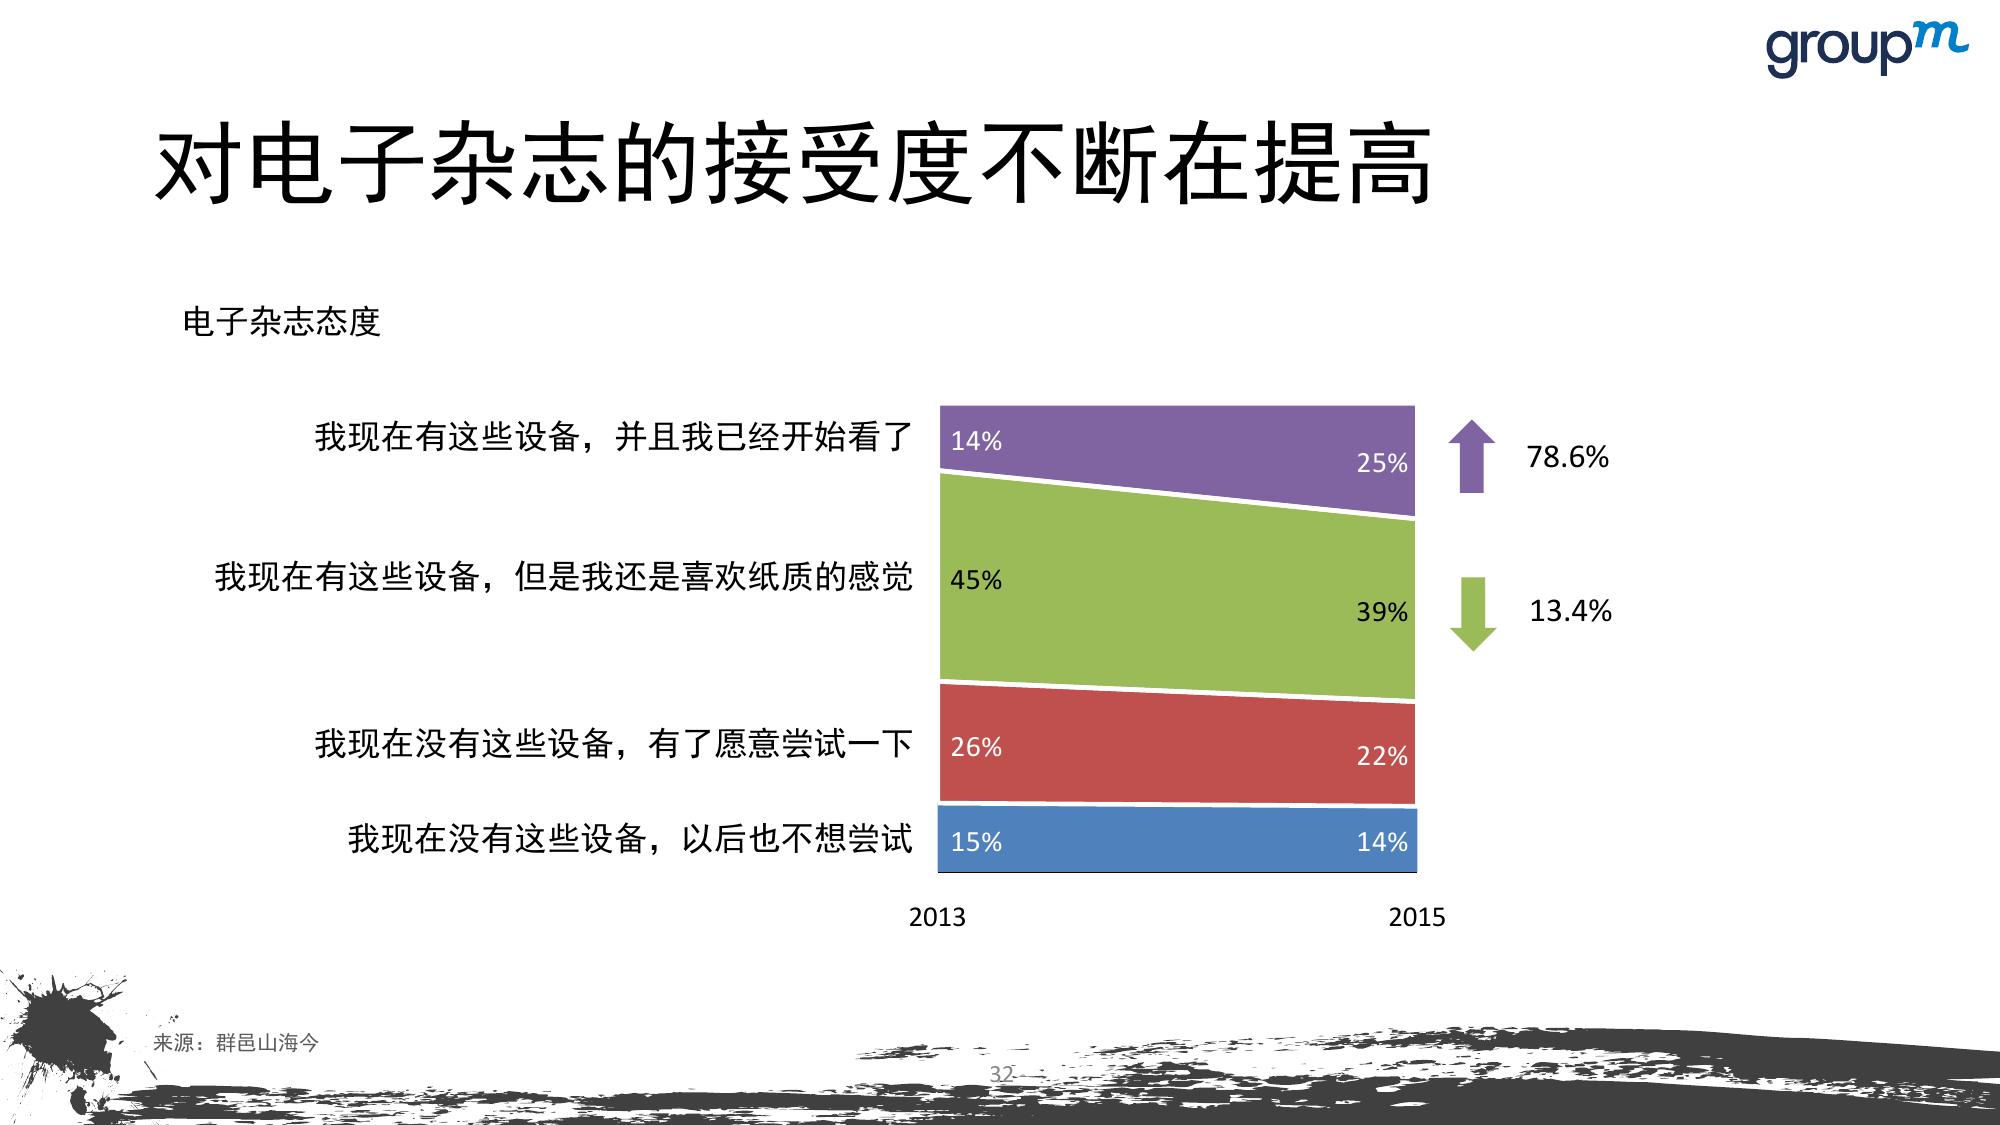 山海今2015中国媒介趋势报告_000032